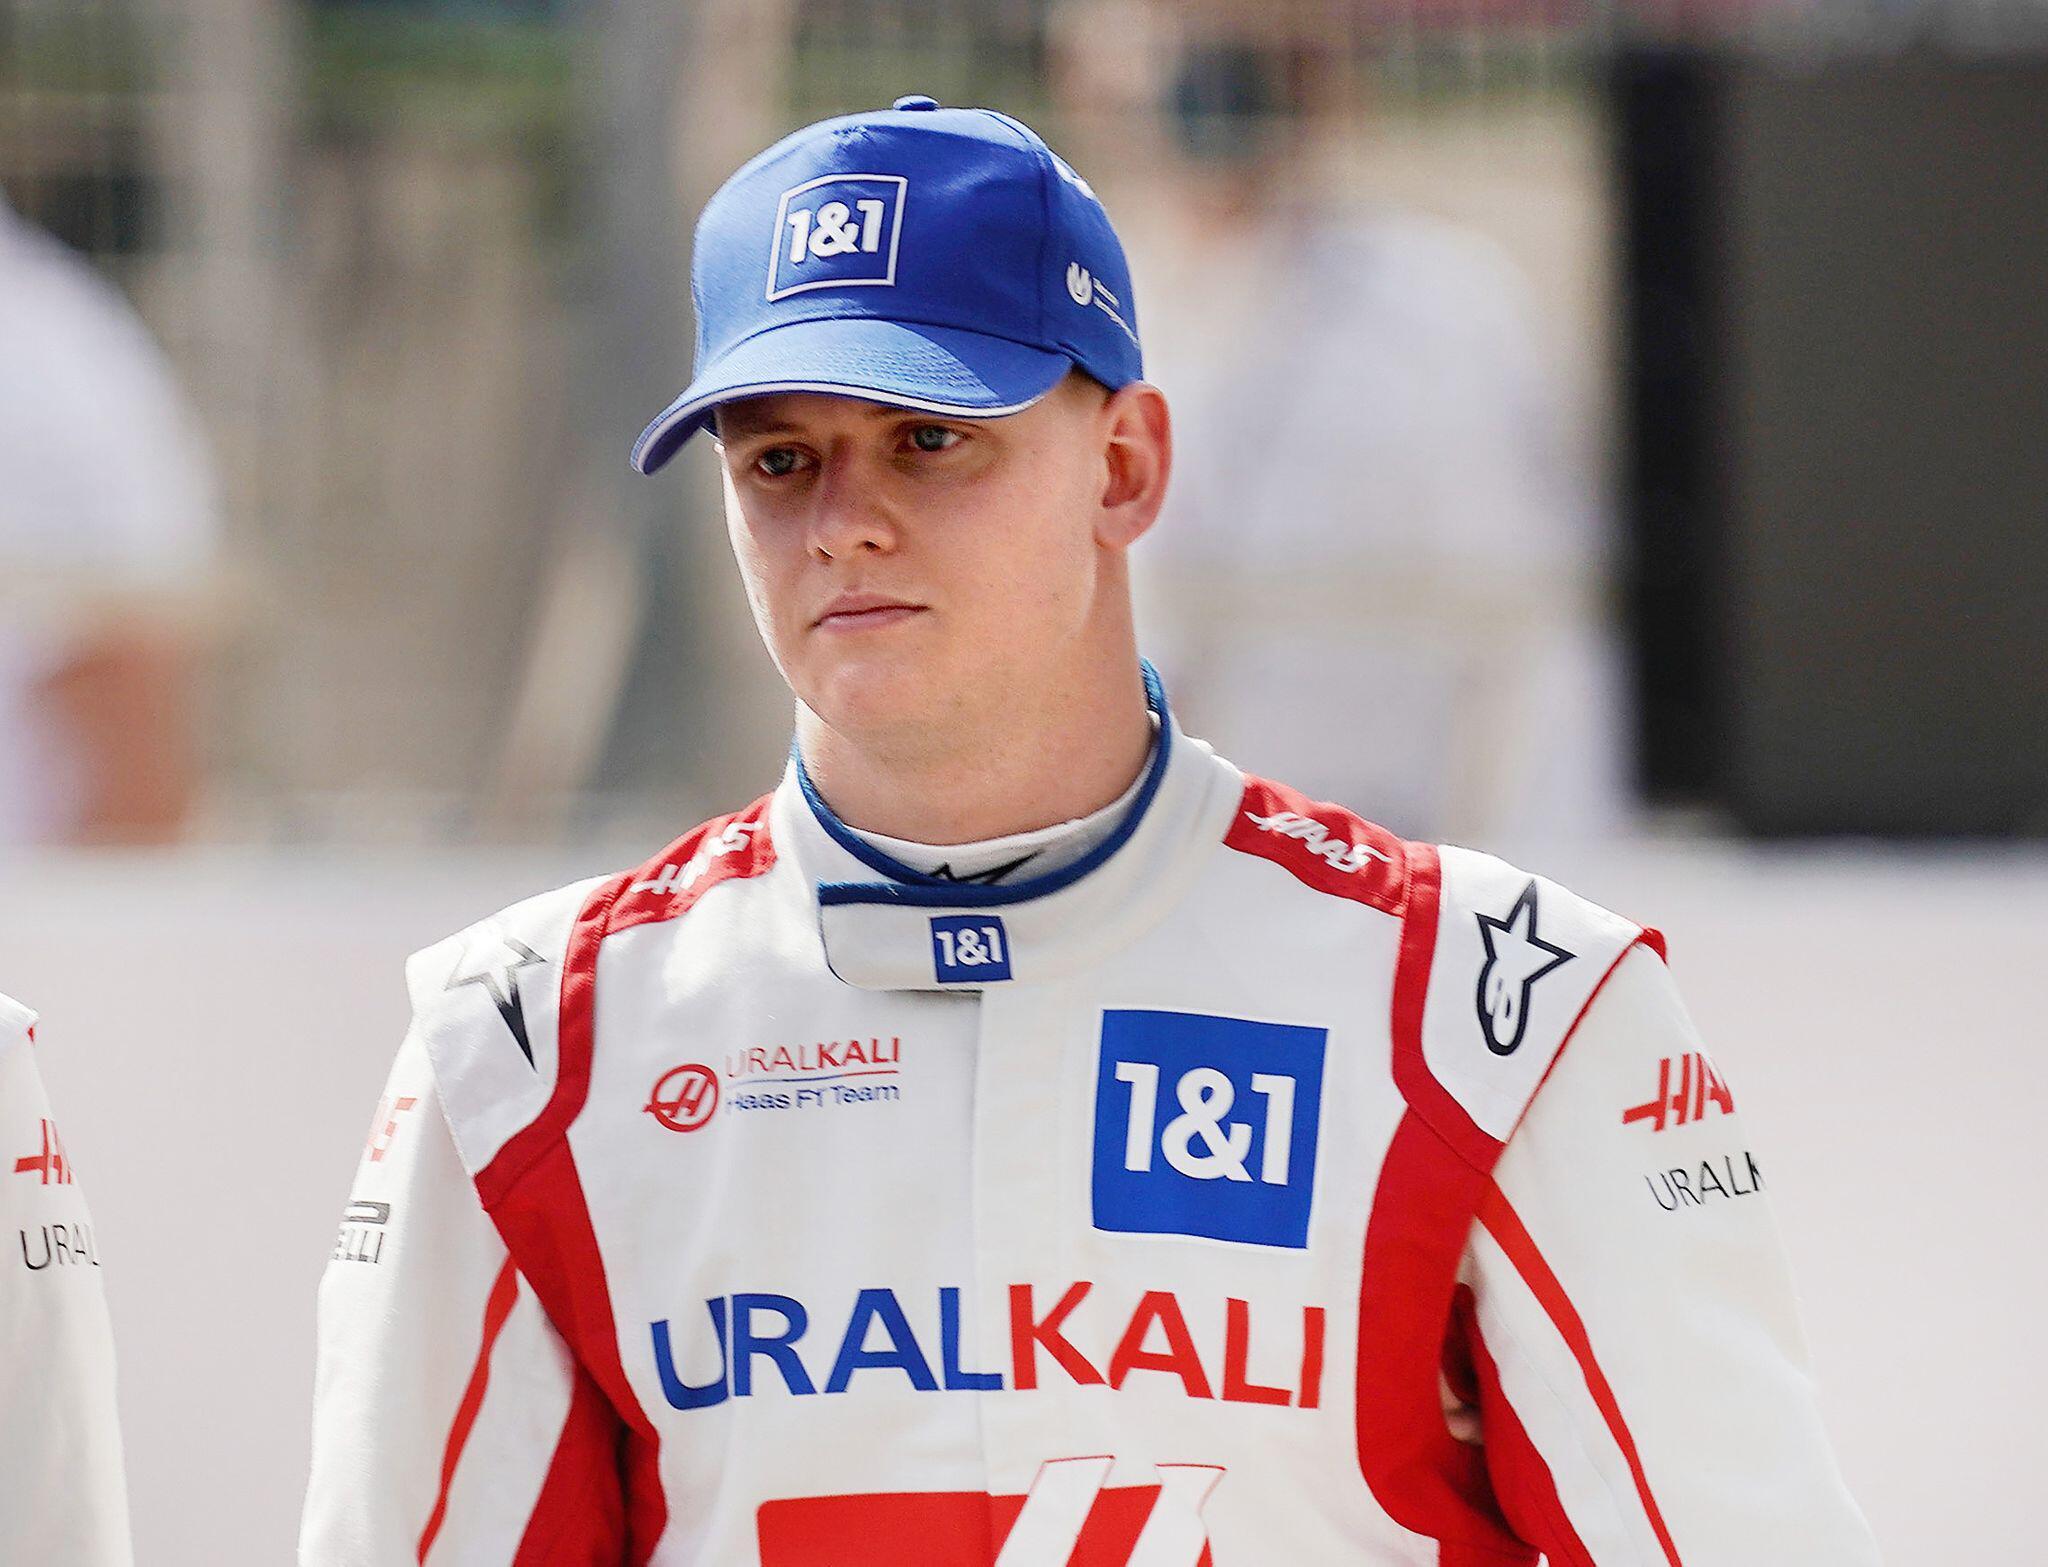 Bild zu Haas-Teamchef Steiner über Schumacher